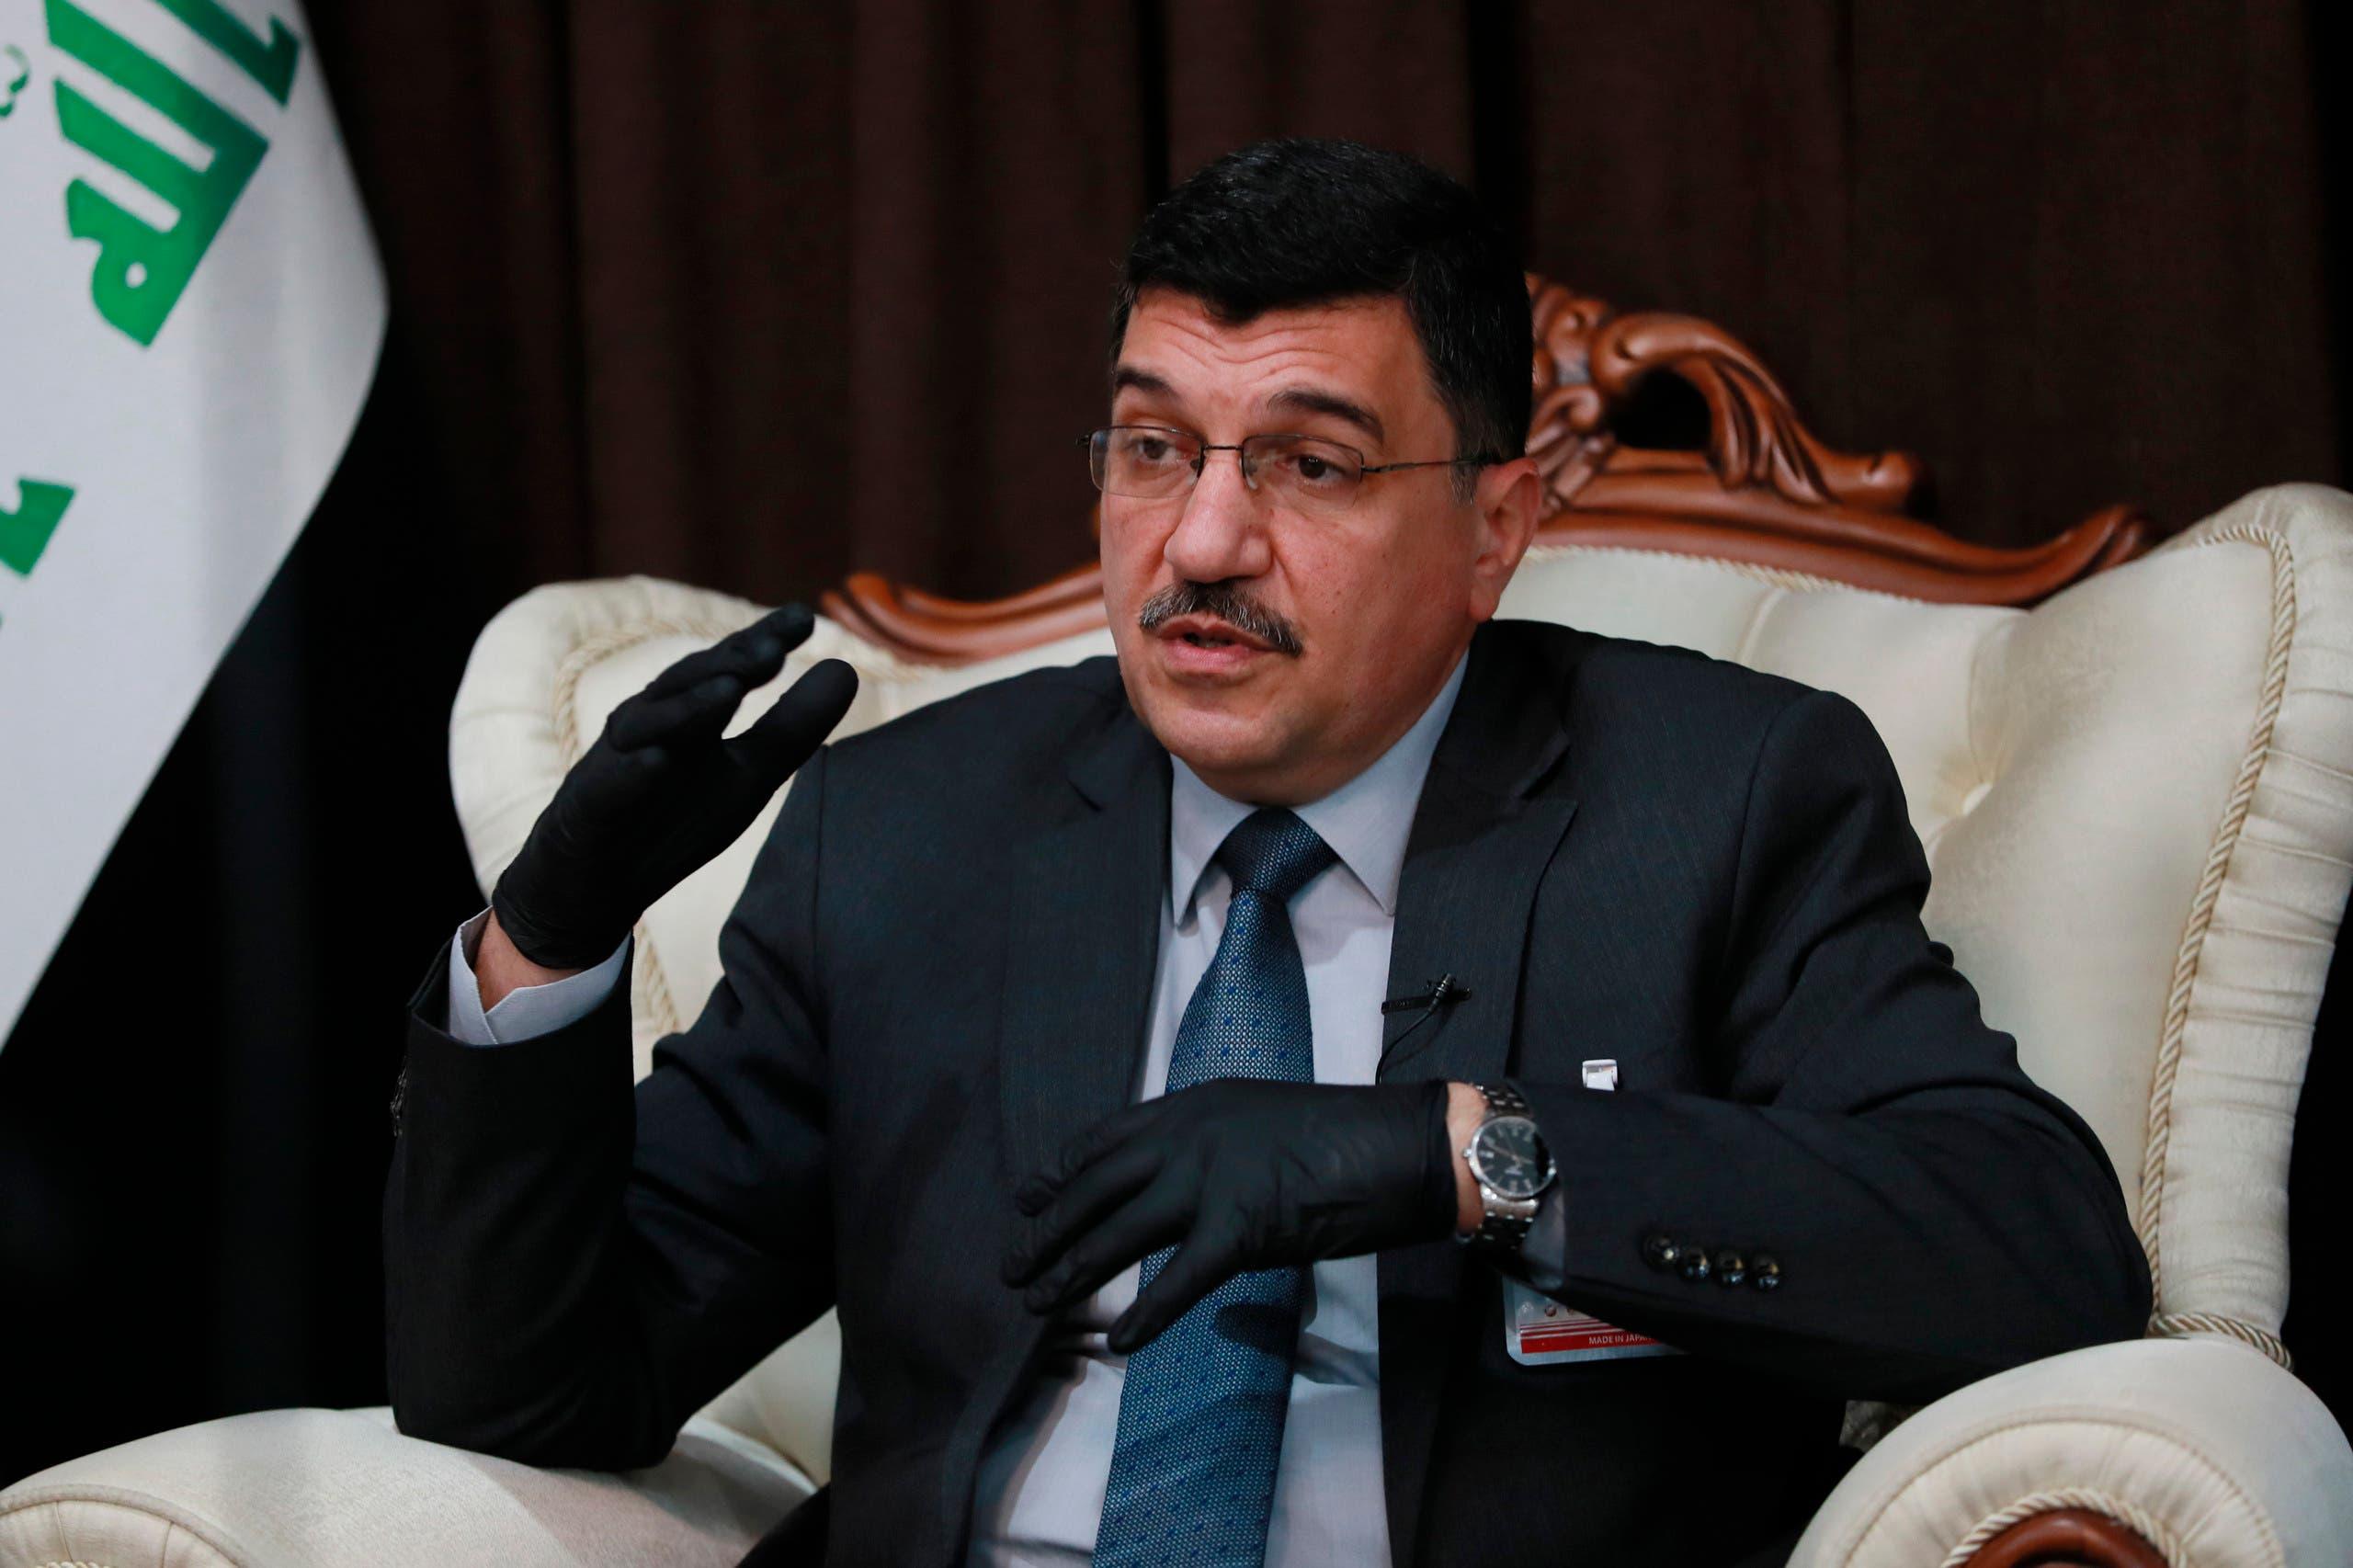 وزير الموارد المائية العراقي مهدي راشد الحمداني